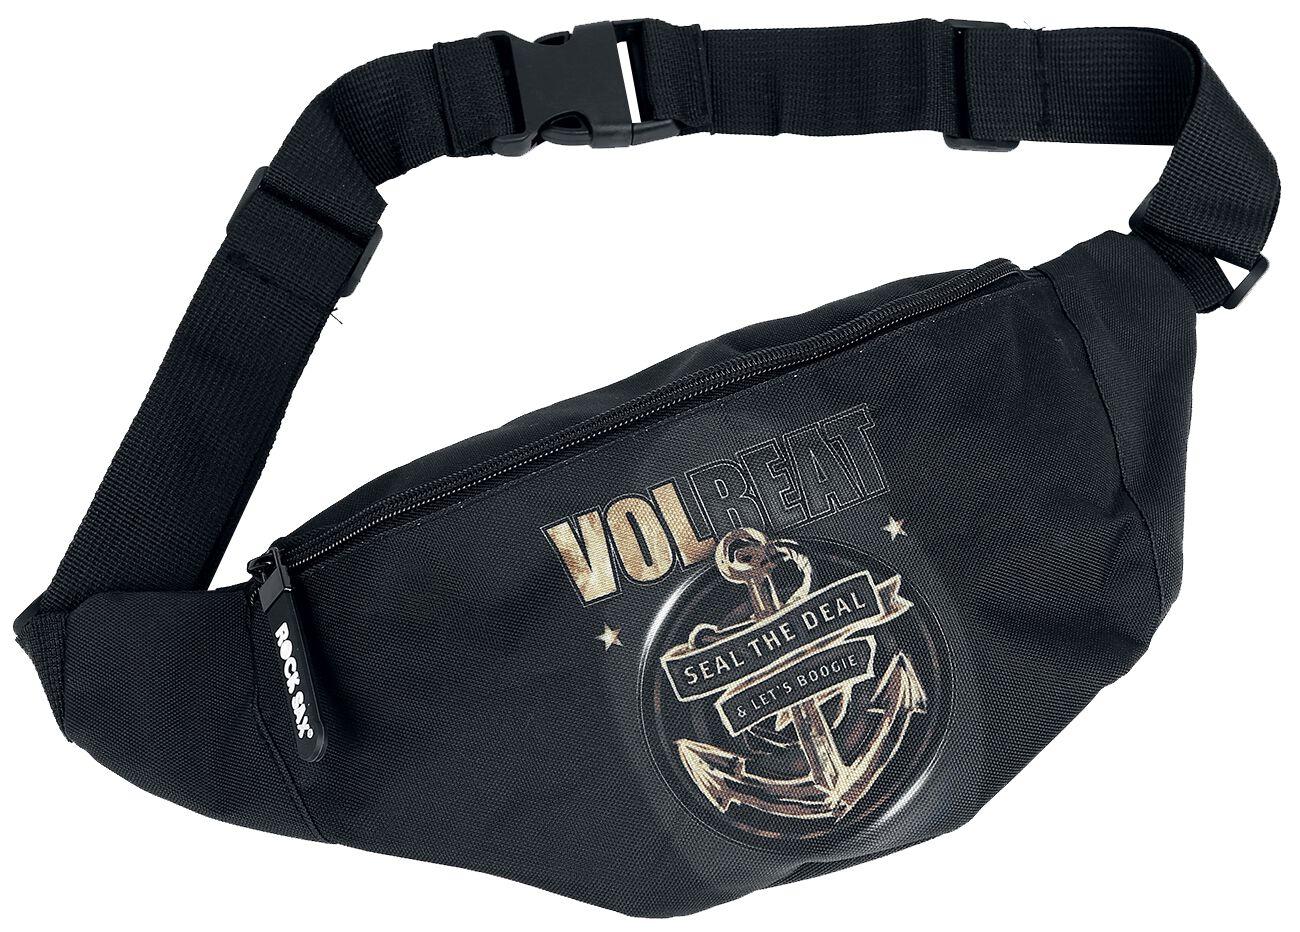 Image of   Volbeat Seal The Deal Bæltetaske sort